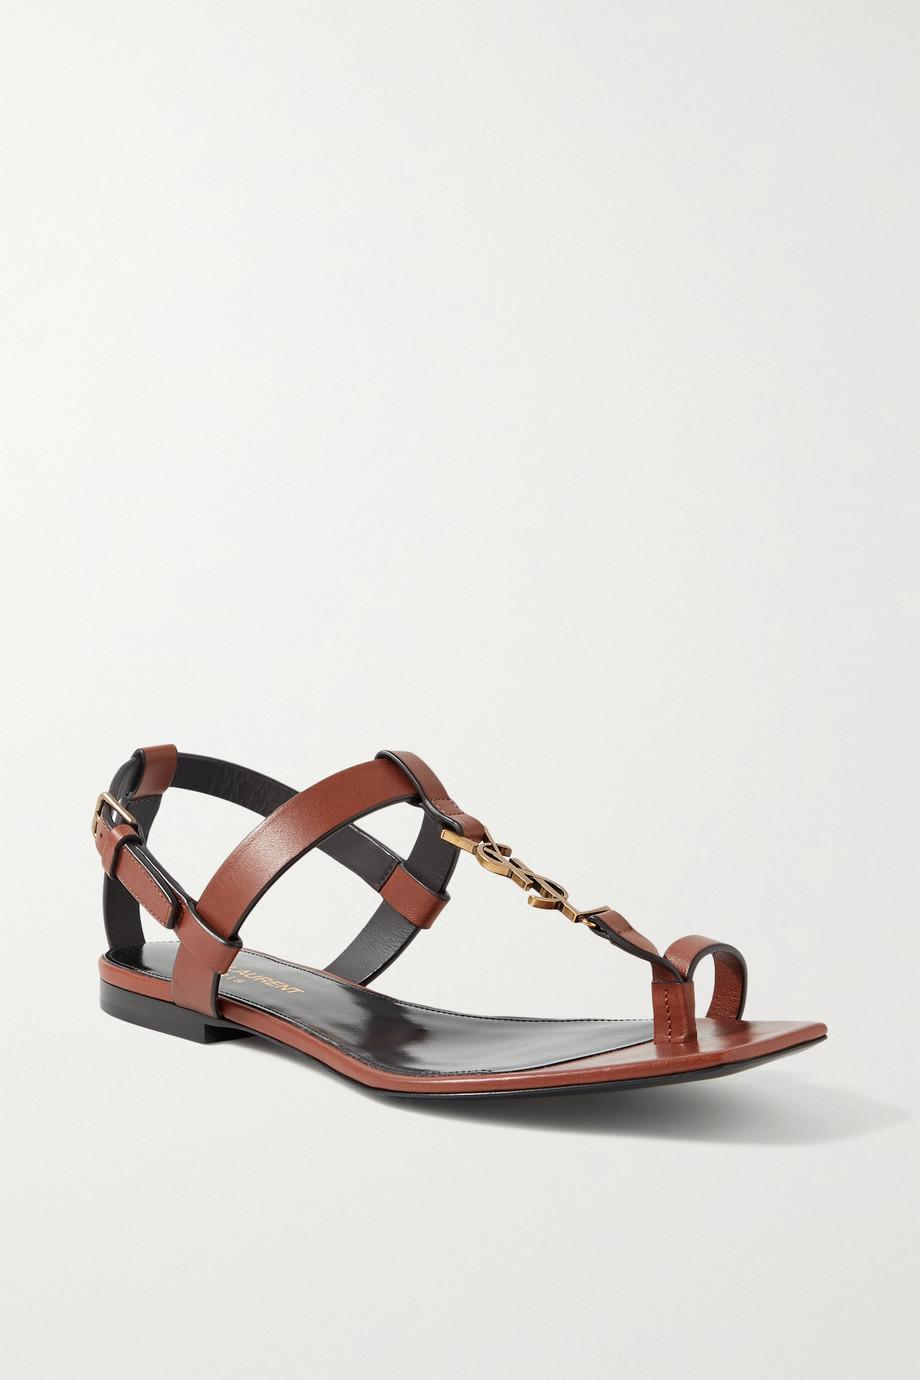 SAINT LAURENT Cassandra logo-embellished leather sandals